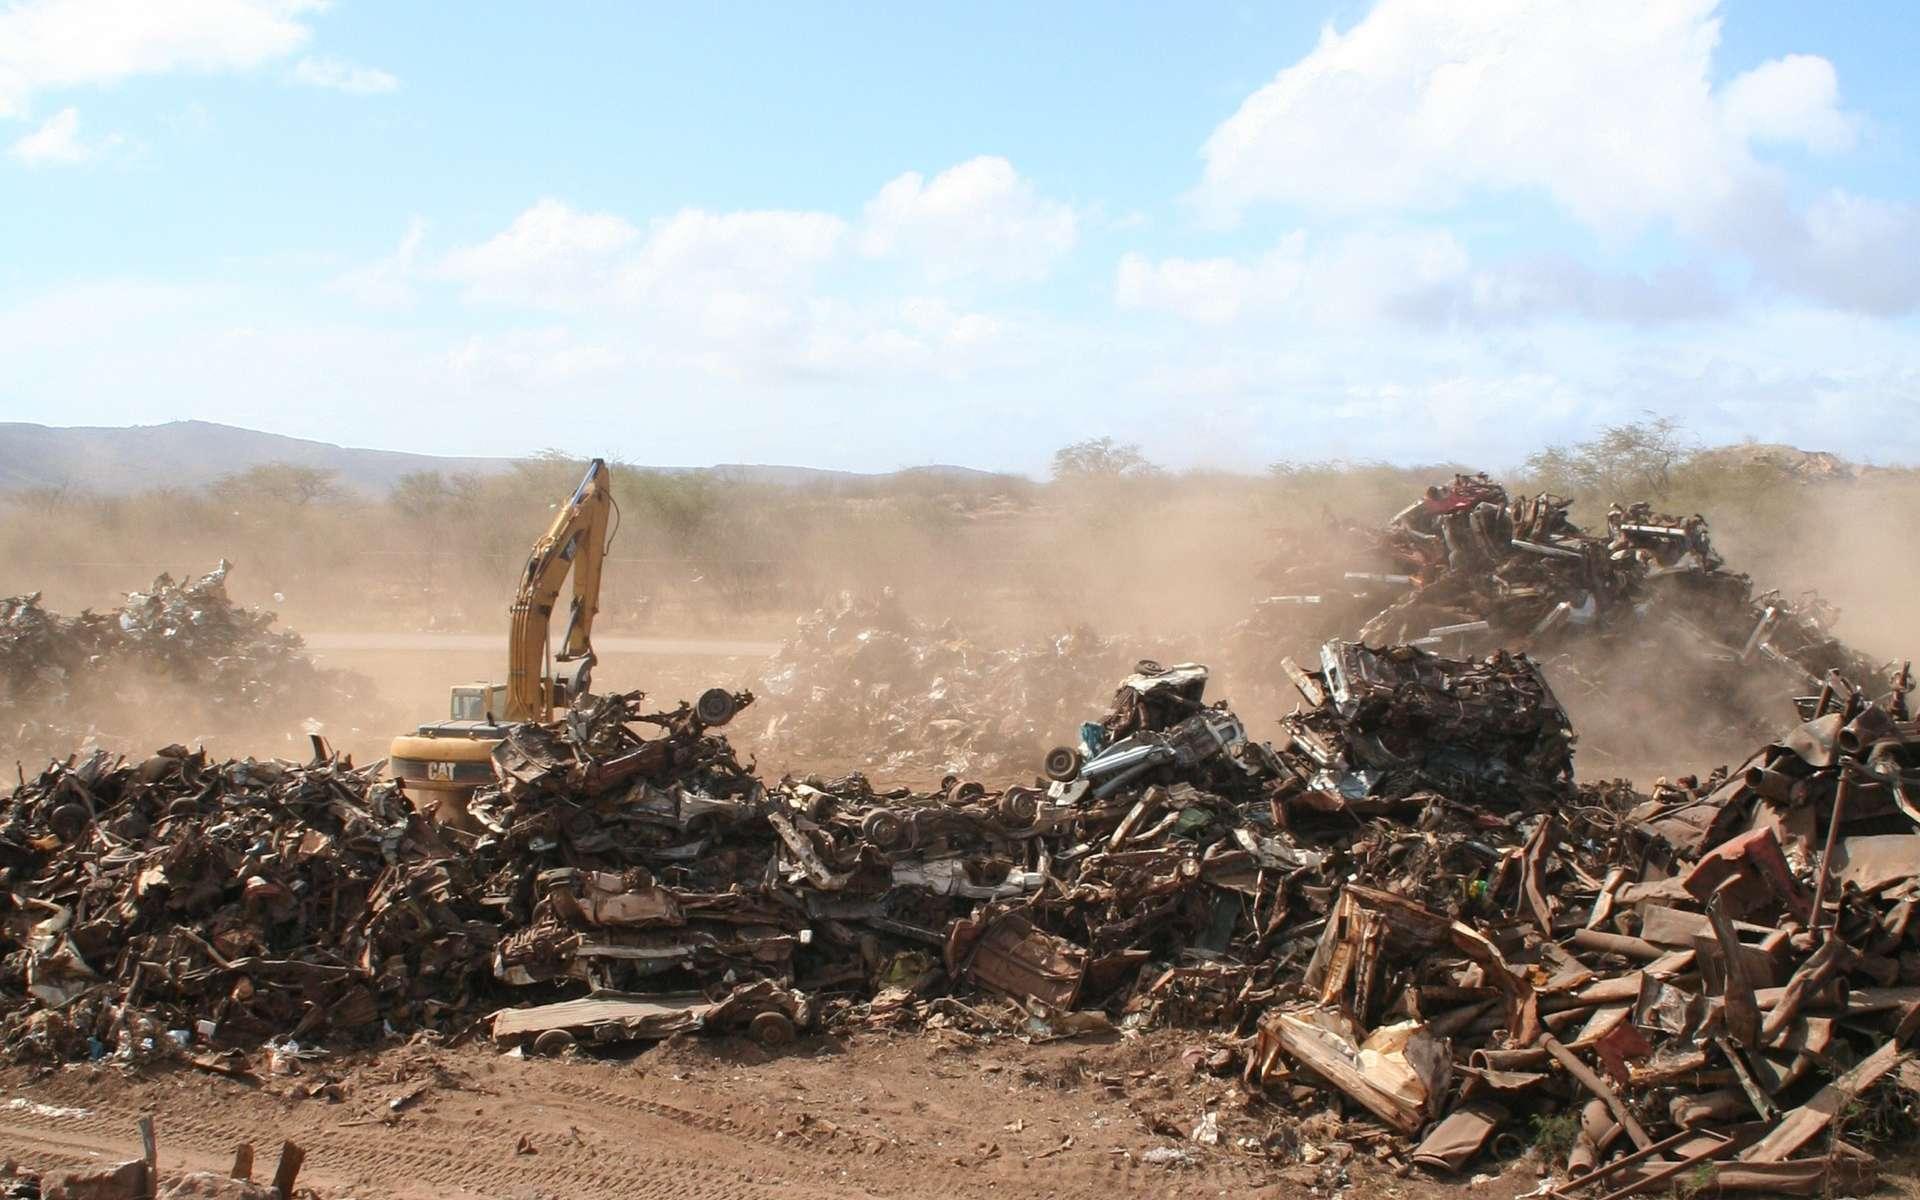 En Afrique subsaharienne, le volume de déchets devrait tripler d'ici 2050. © Kate Gardiner, Flickr